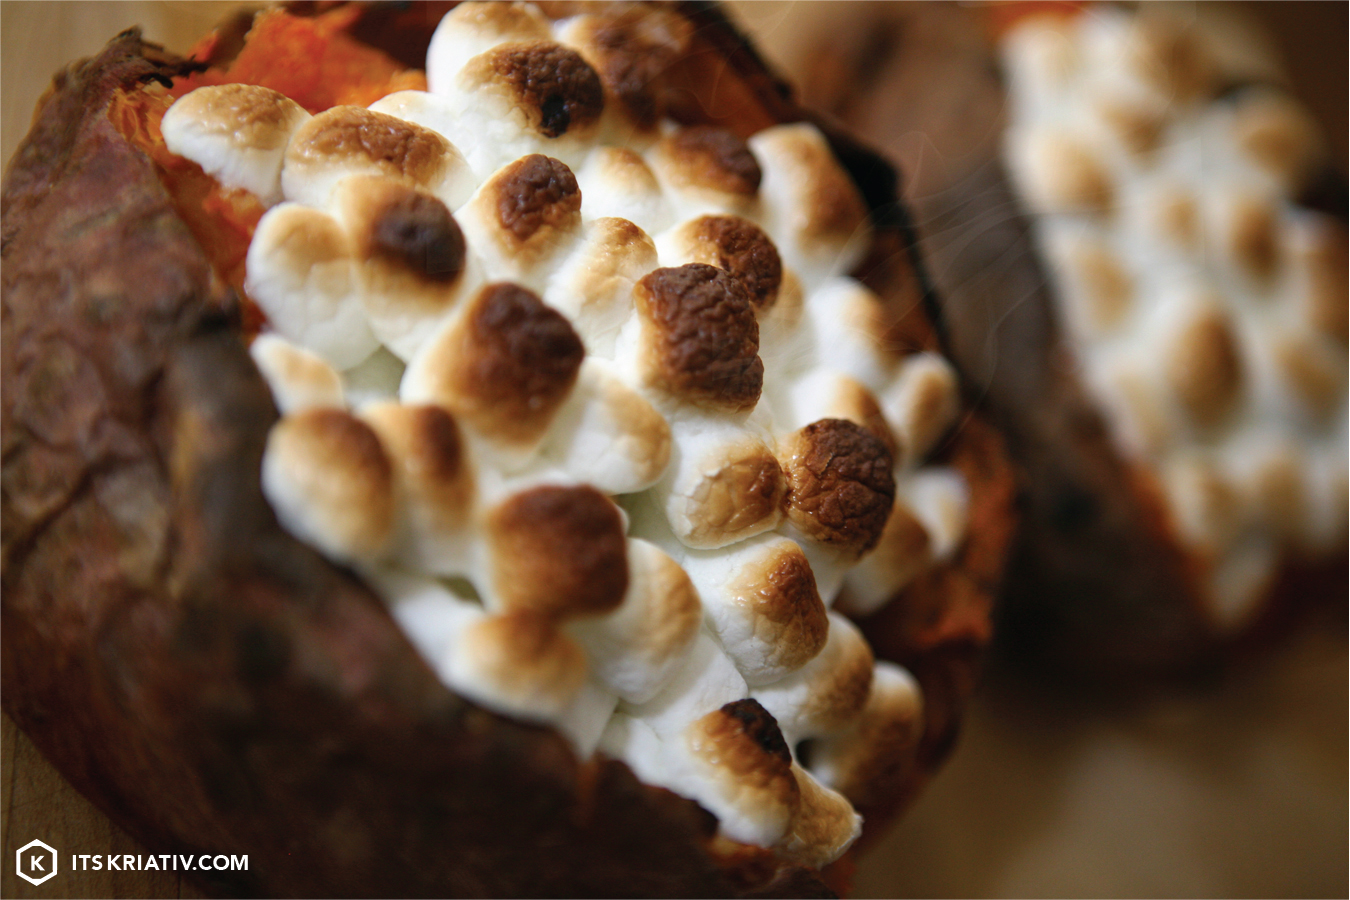 13_Nov_Food-Twiced-Baked-Sweet-Potato-01a 2-04.jpg